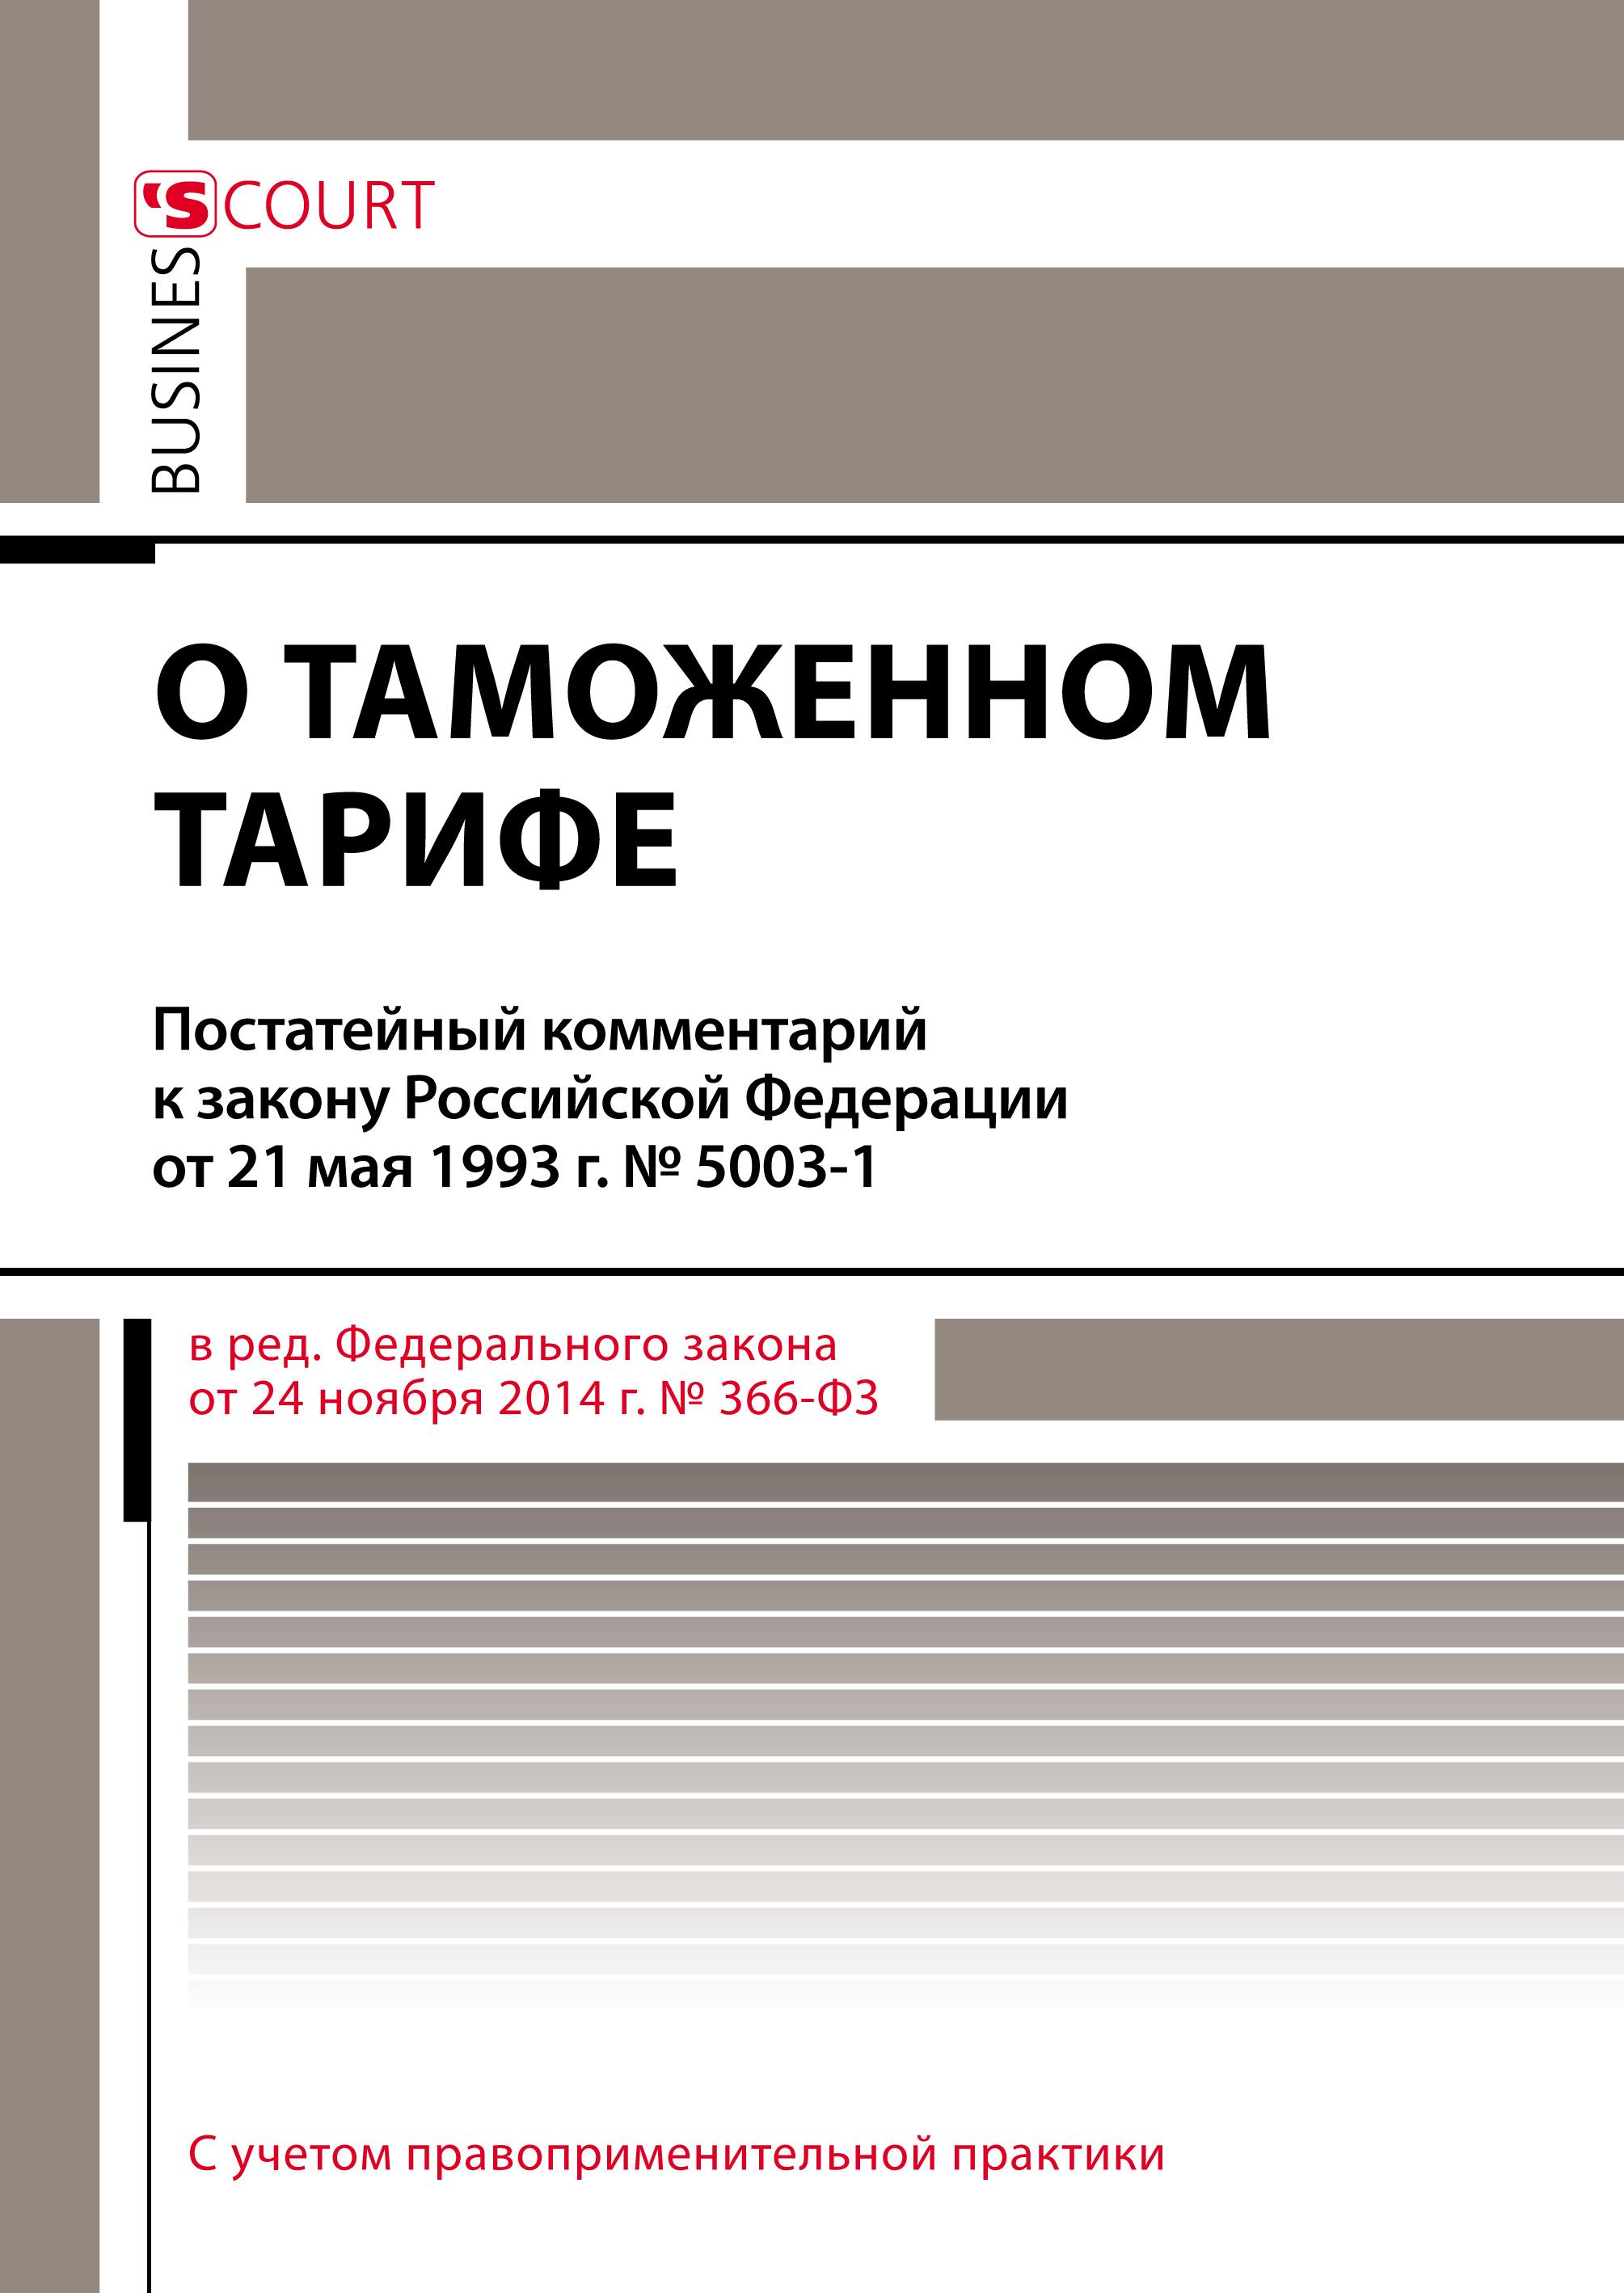 Фото - Павел Николаевич Сафоненков Комментарий к закону Российской Федерации от 21 мая 1993 г. № 5003-1 «О таможенном тарифе» (постатейный) тарифные планы